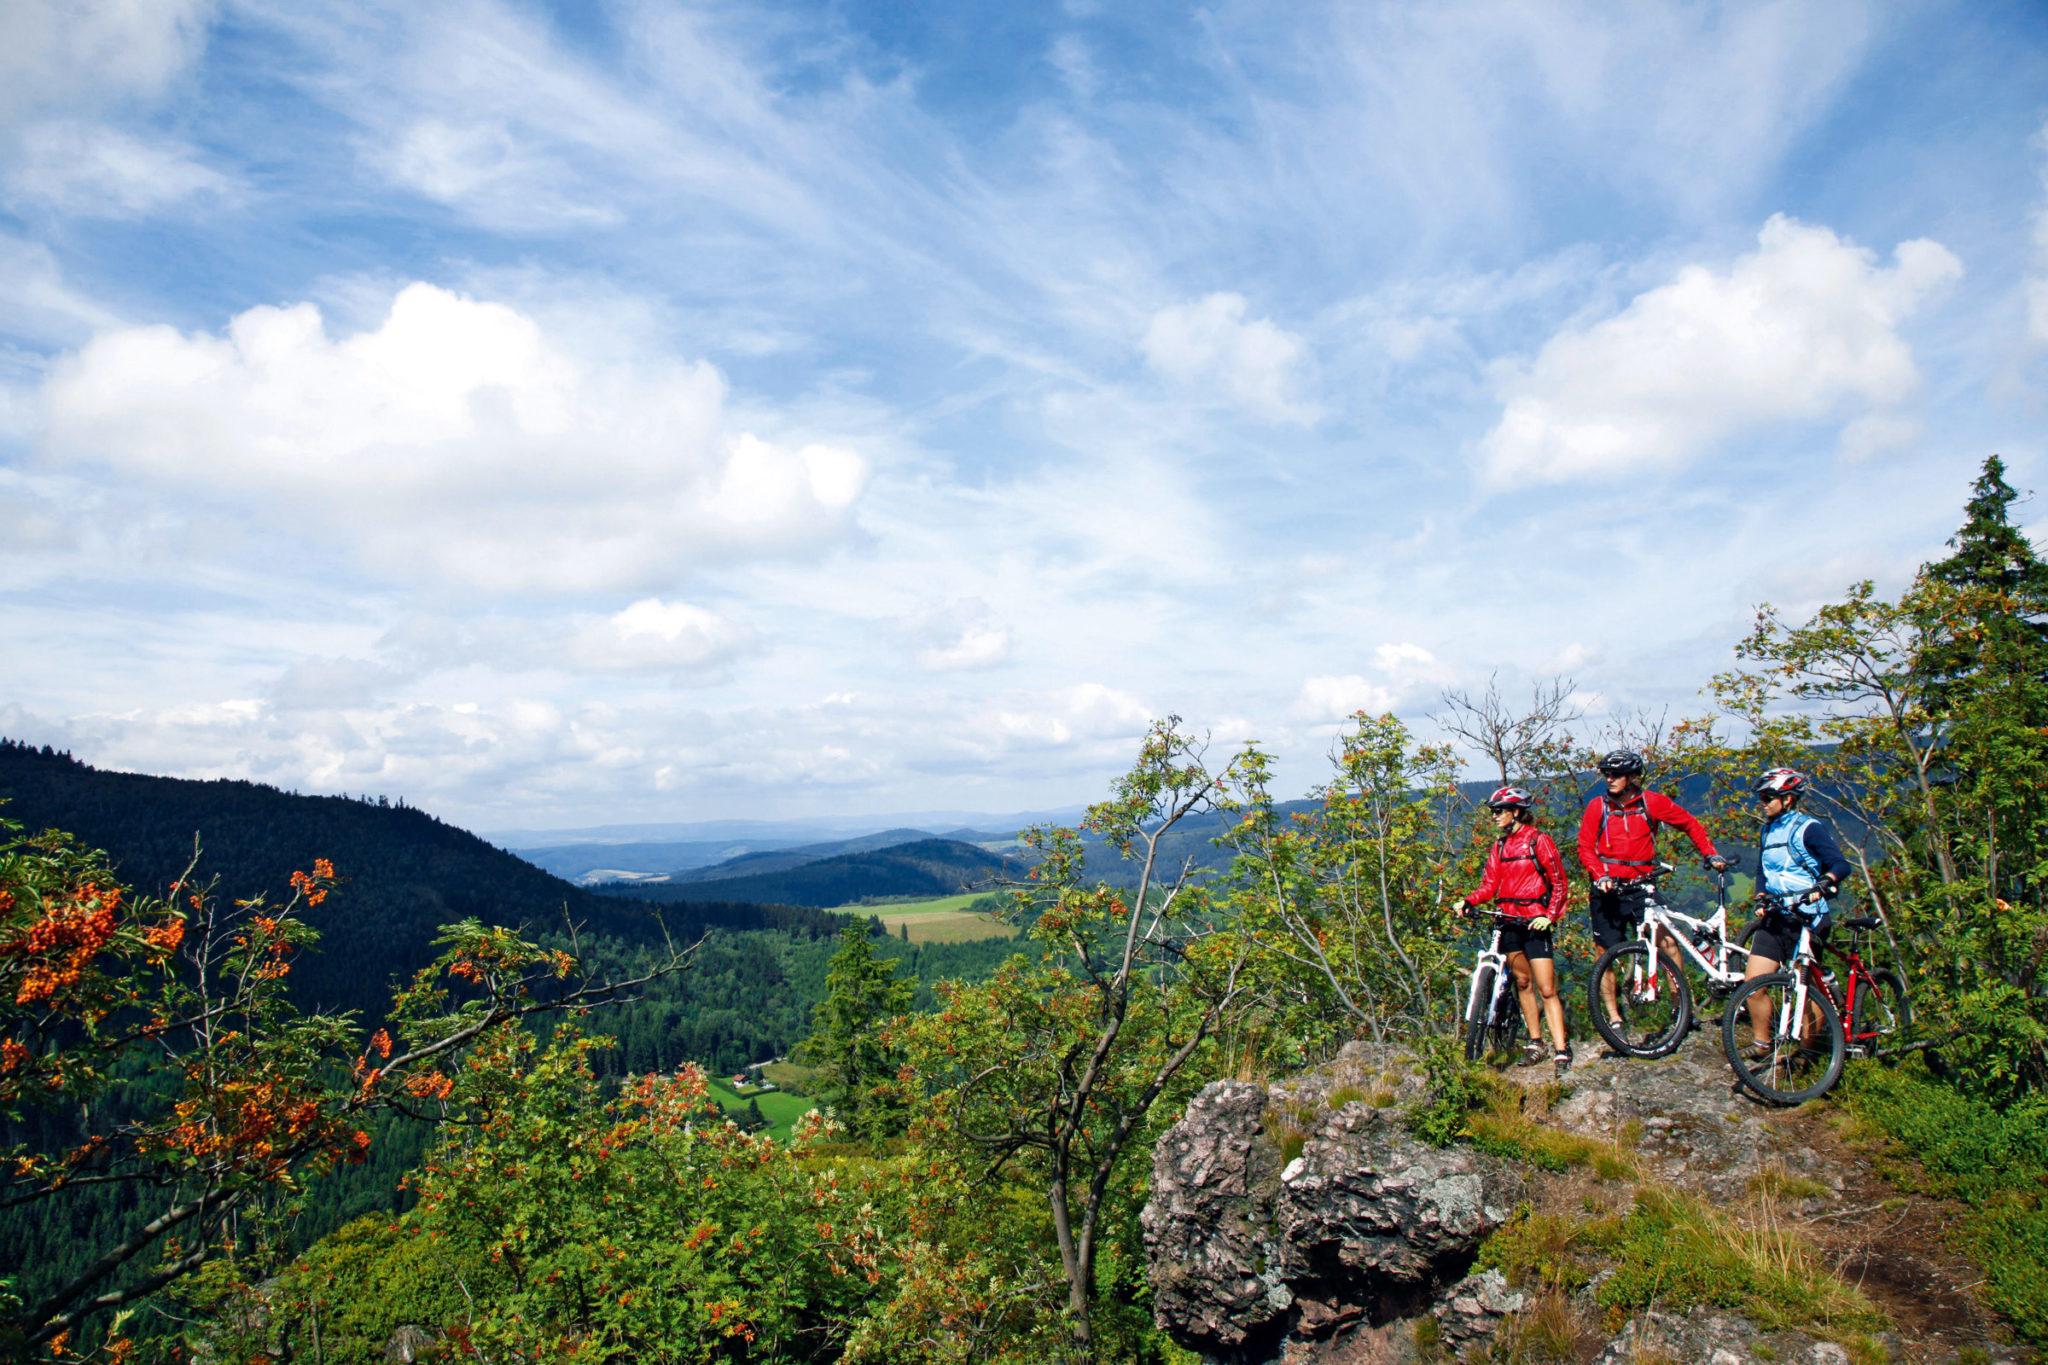 mountainbiken-thueringer-Mountainbiken am Rennsteig im Thüringer Wald